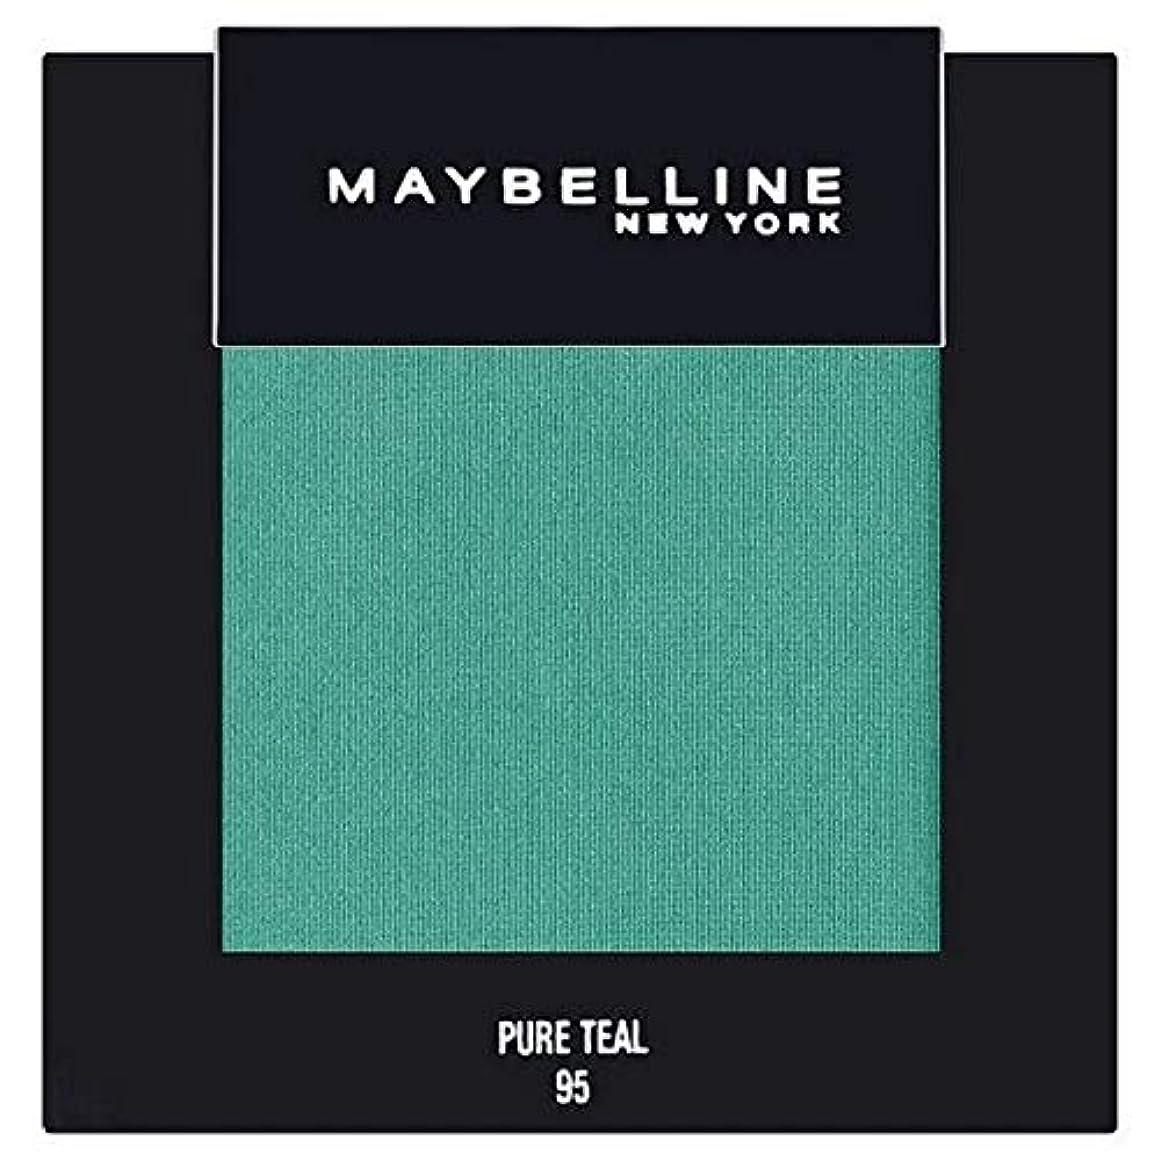 それから避難長さ[Maybelline ] メイベリンカラーショー単一グリーンアイシャドウ95純粋ティール - Maybelline Color Show Single Green Eyeshadow 95 Pure Teal [並行輸入品]